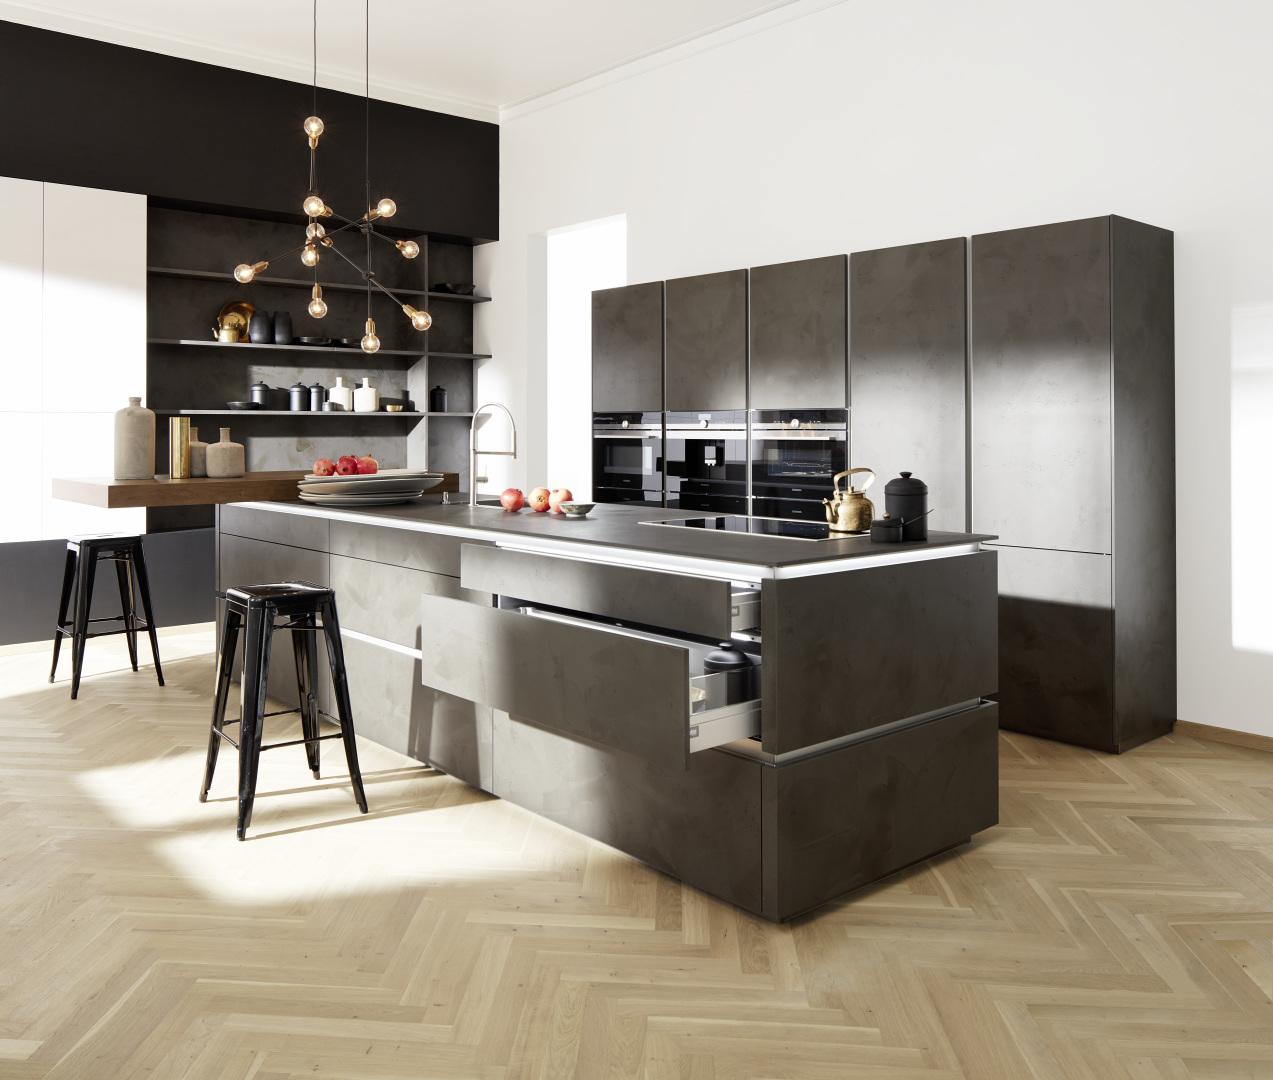 portland nolte. Black Bedroom Furniture Sets. Home Design Ideas